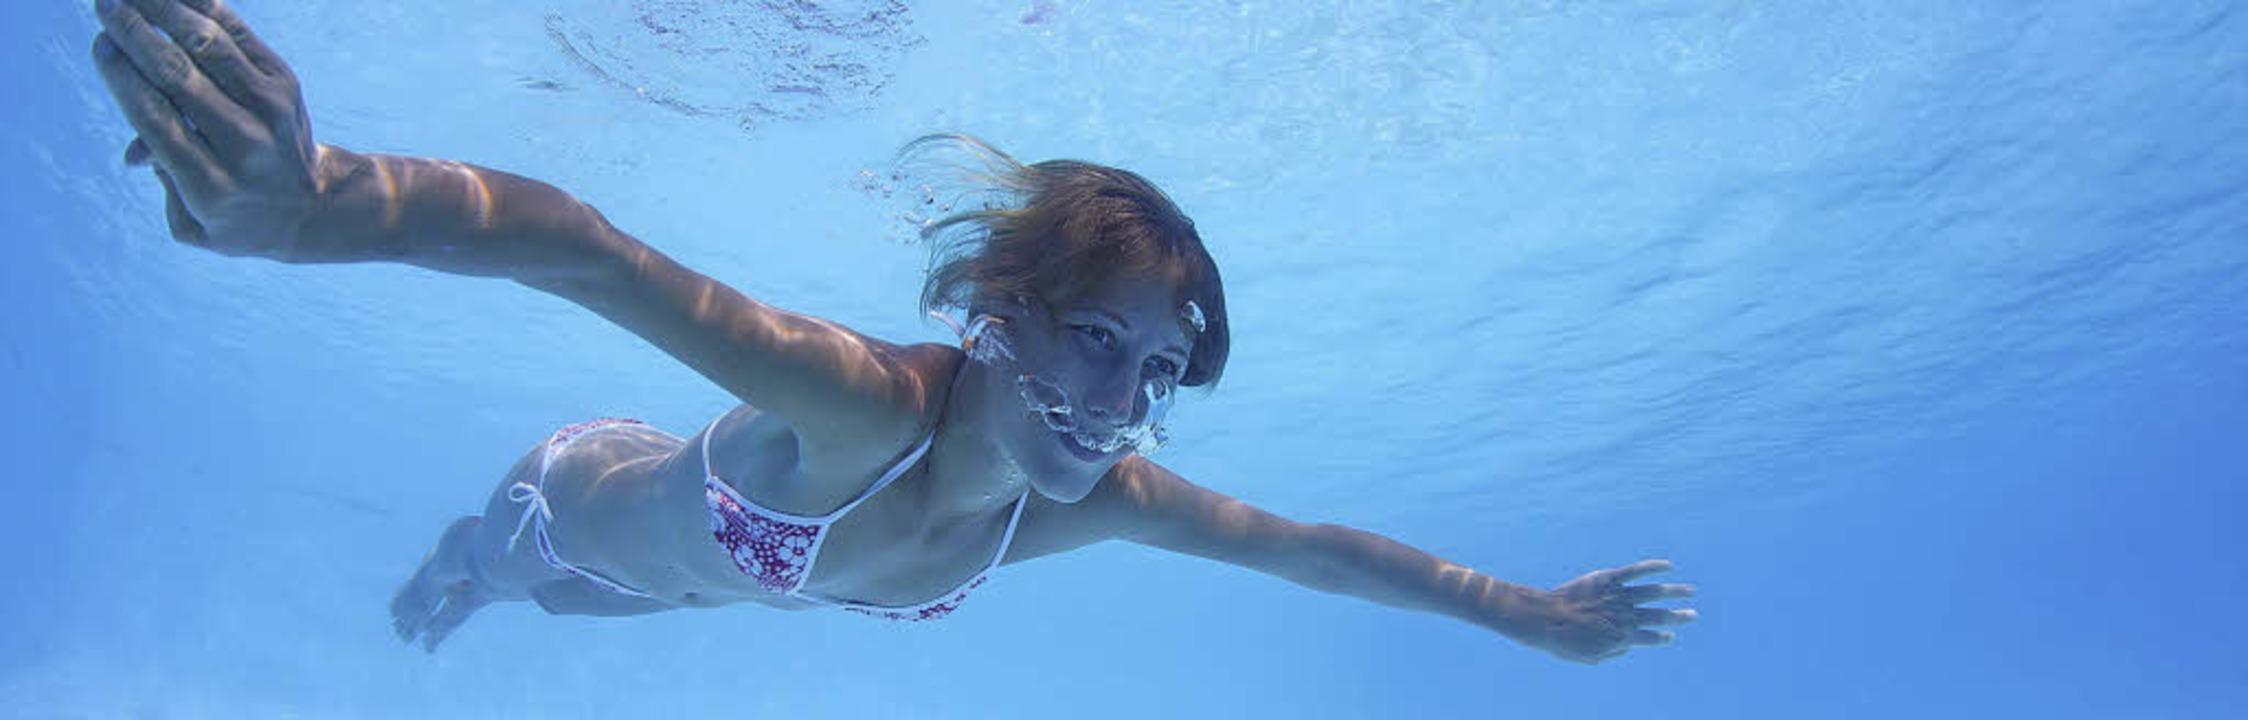 Eintauchen und genießen: Wasser übt au...schen eine besondere Faszination aus.   | Foto:  Dudarev Mikhail (stock.adobe.com)